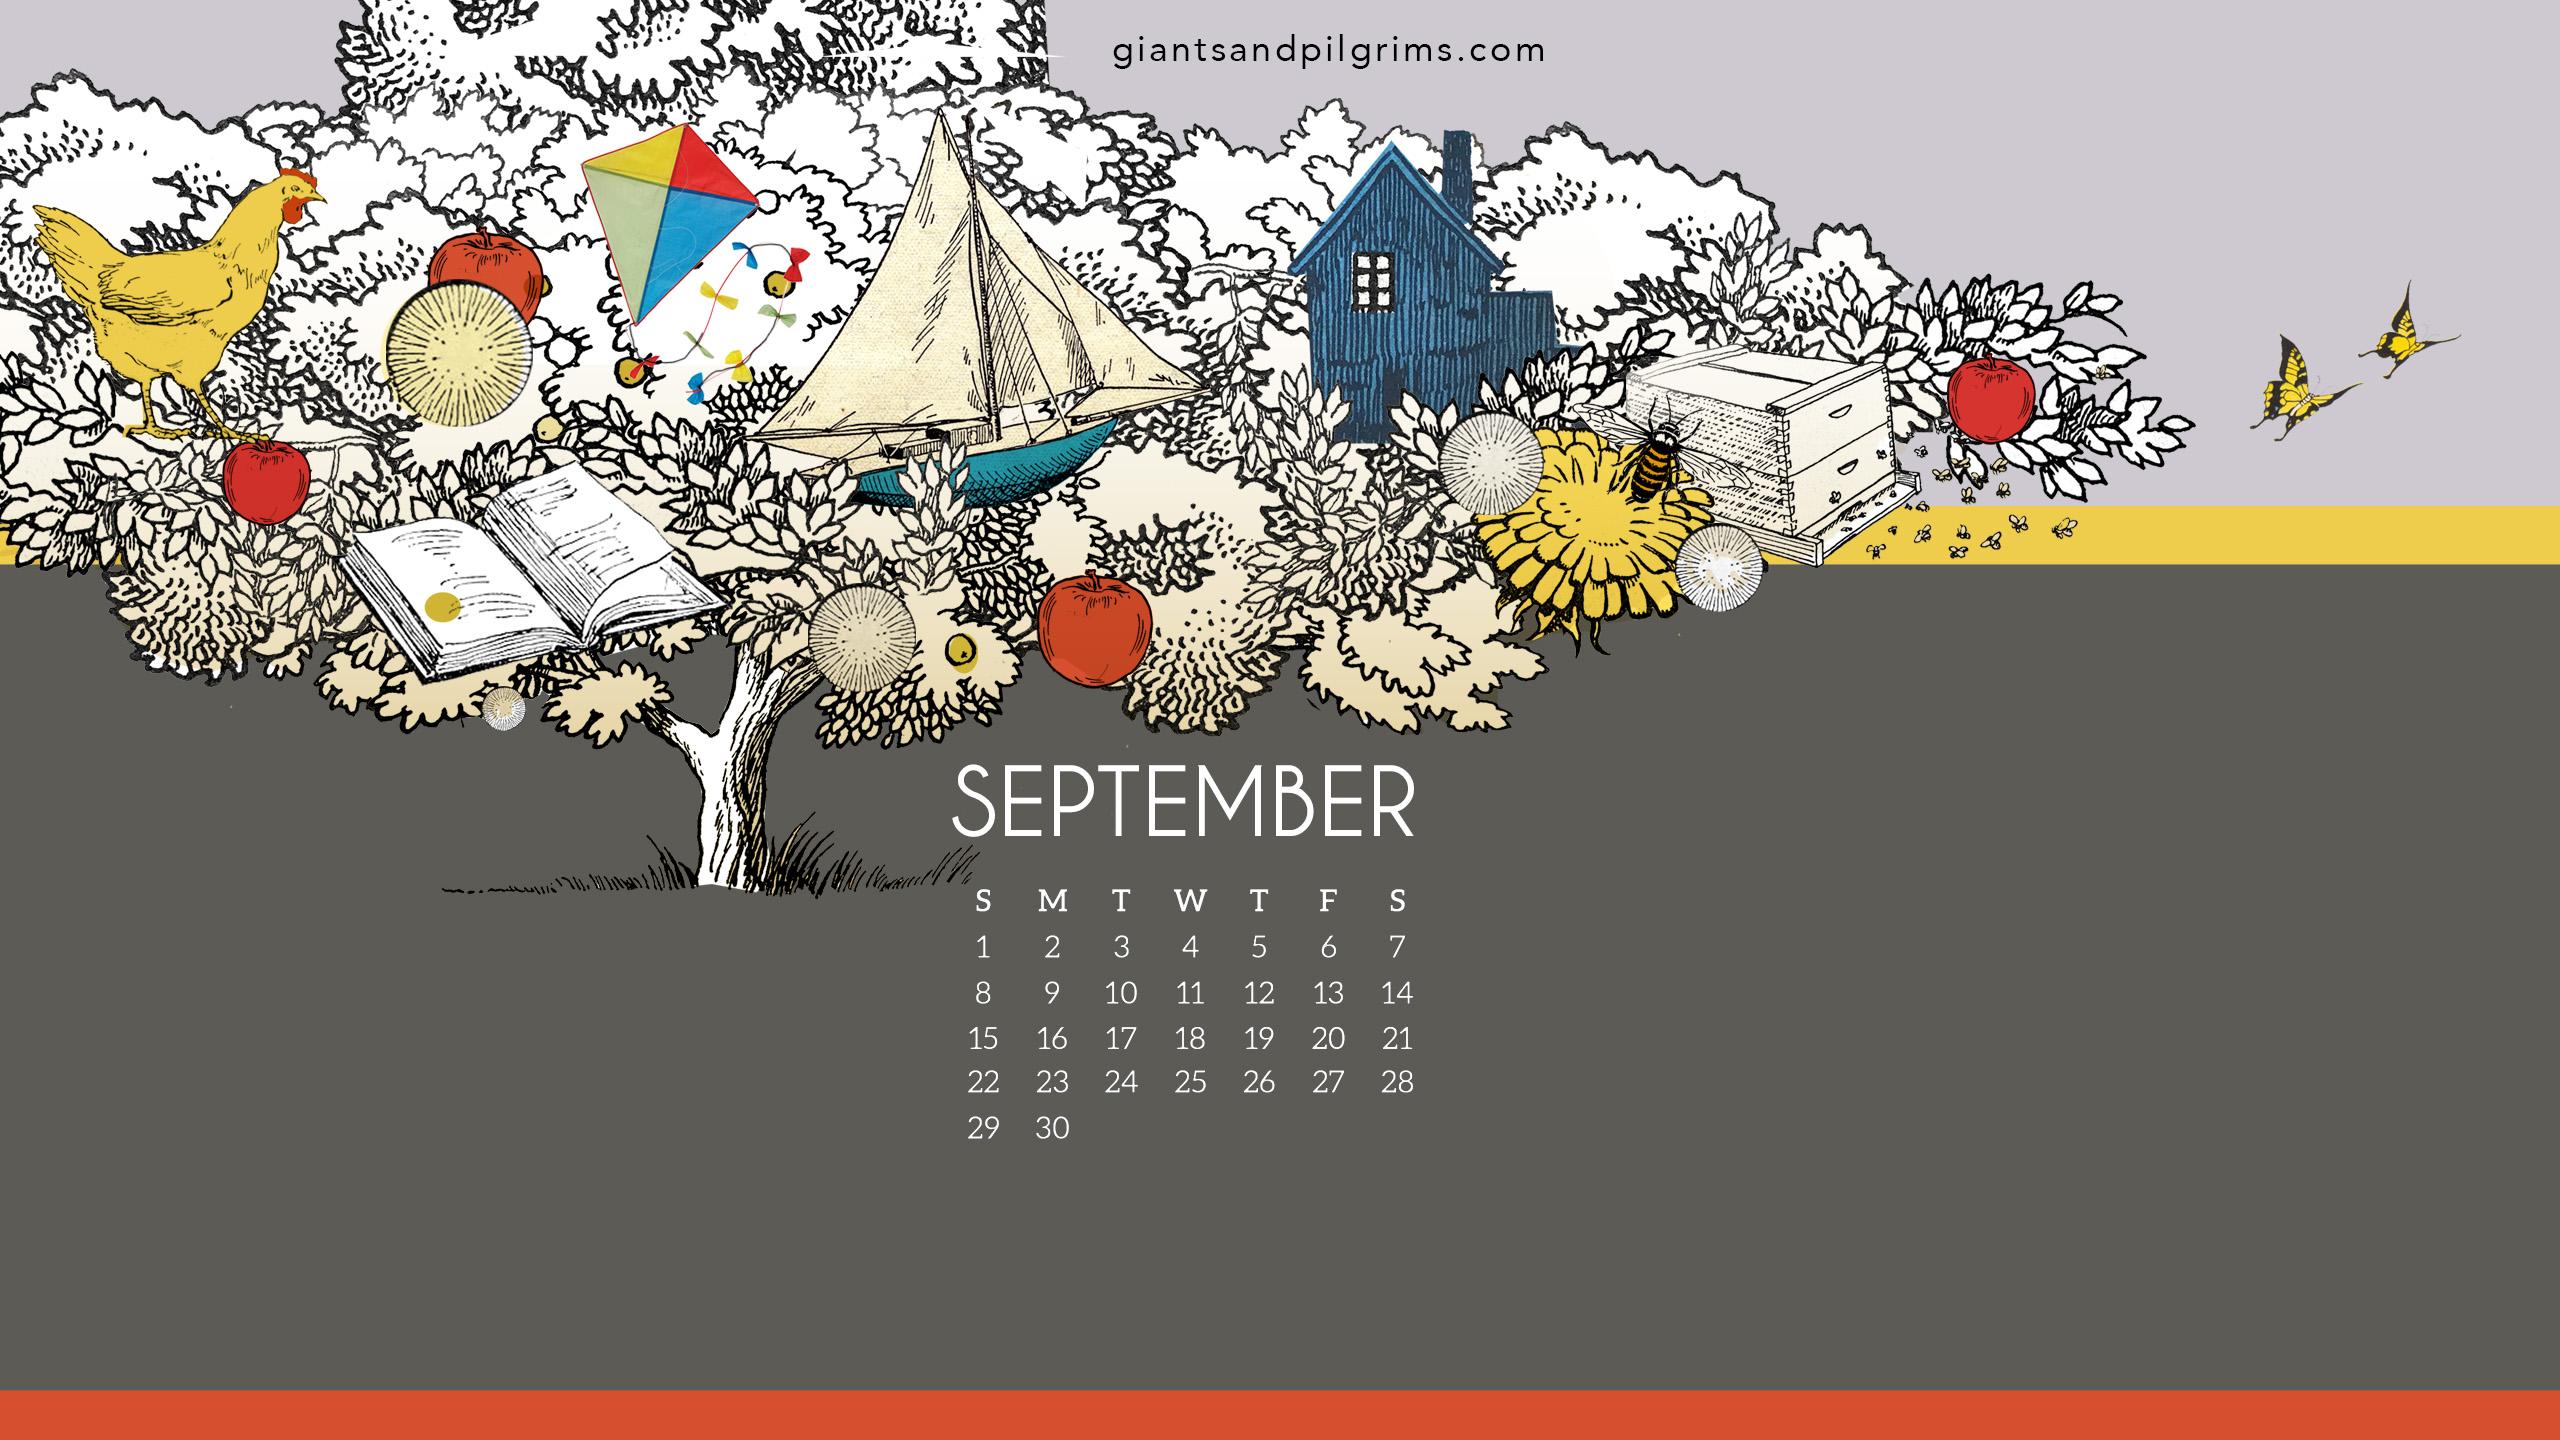 September 2019 Desktop Wallpaper Giants Pilgrims 2560x1440